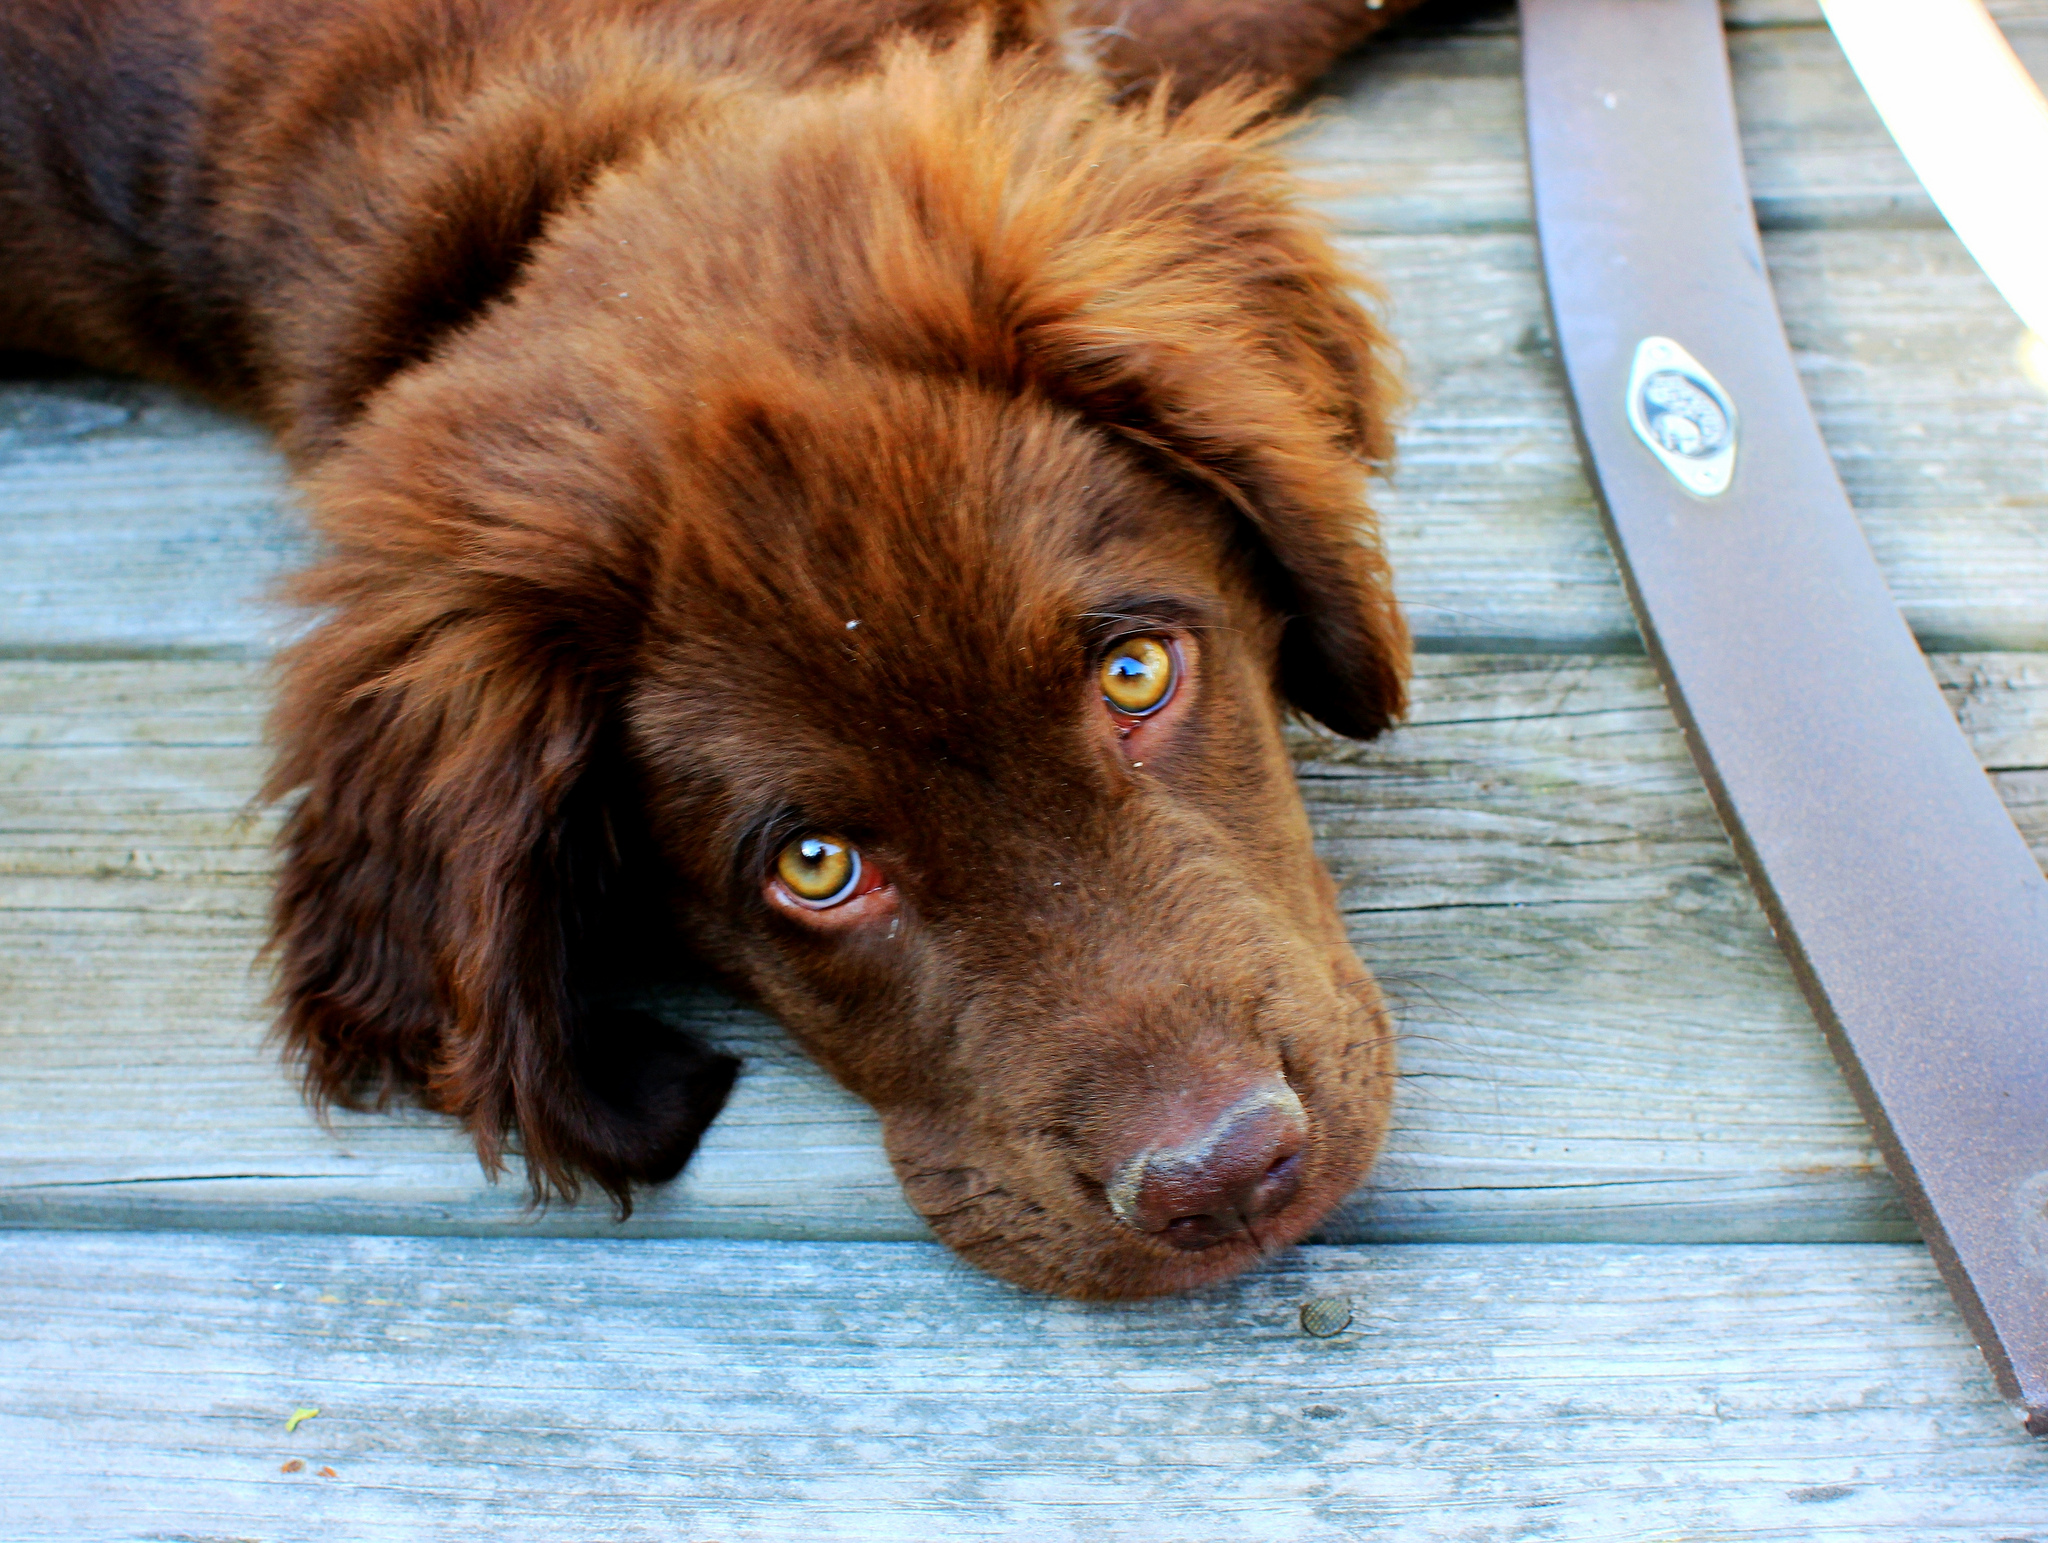 Rusza akcja kastracji zwierząt domowych